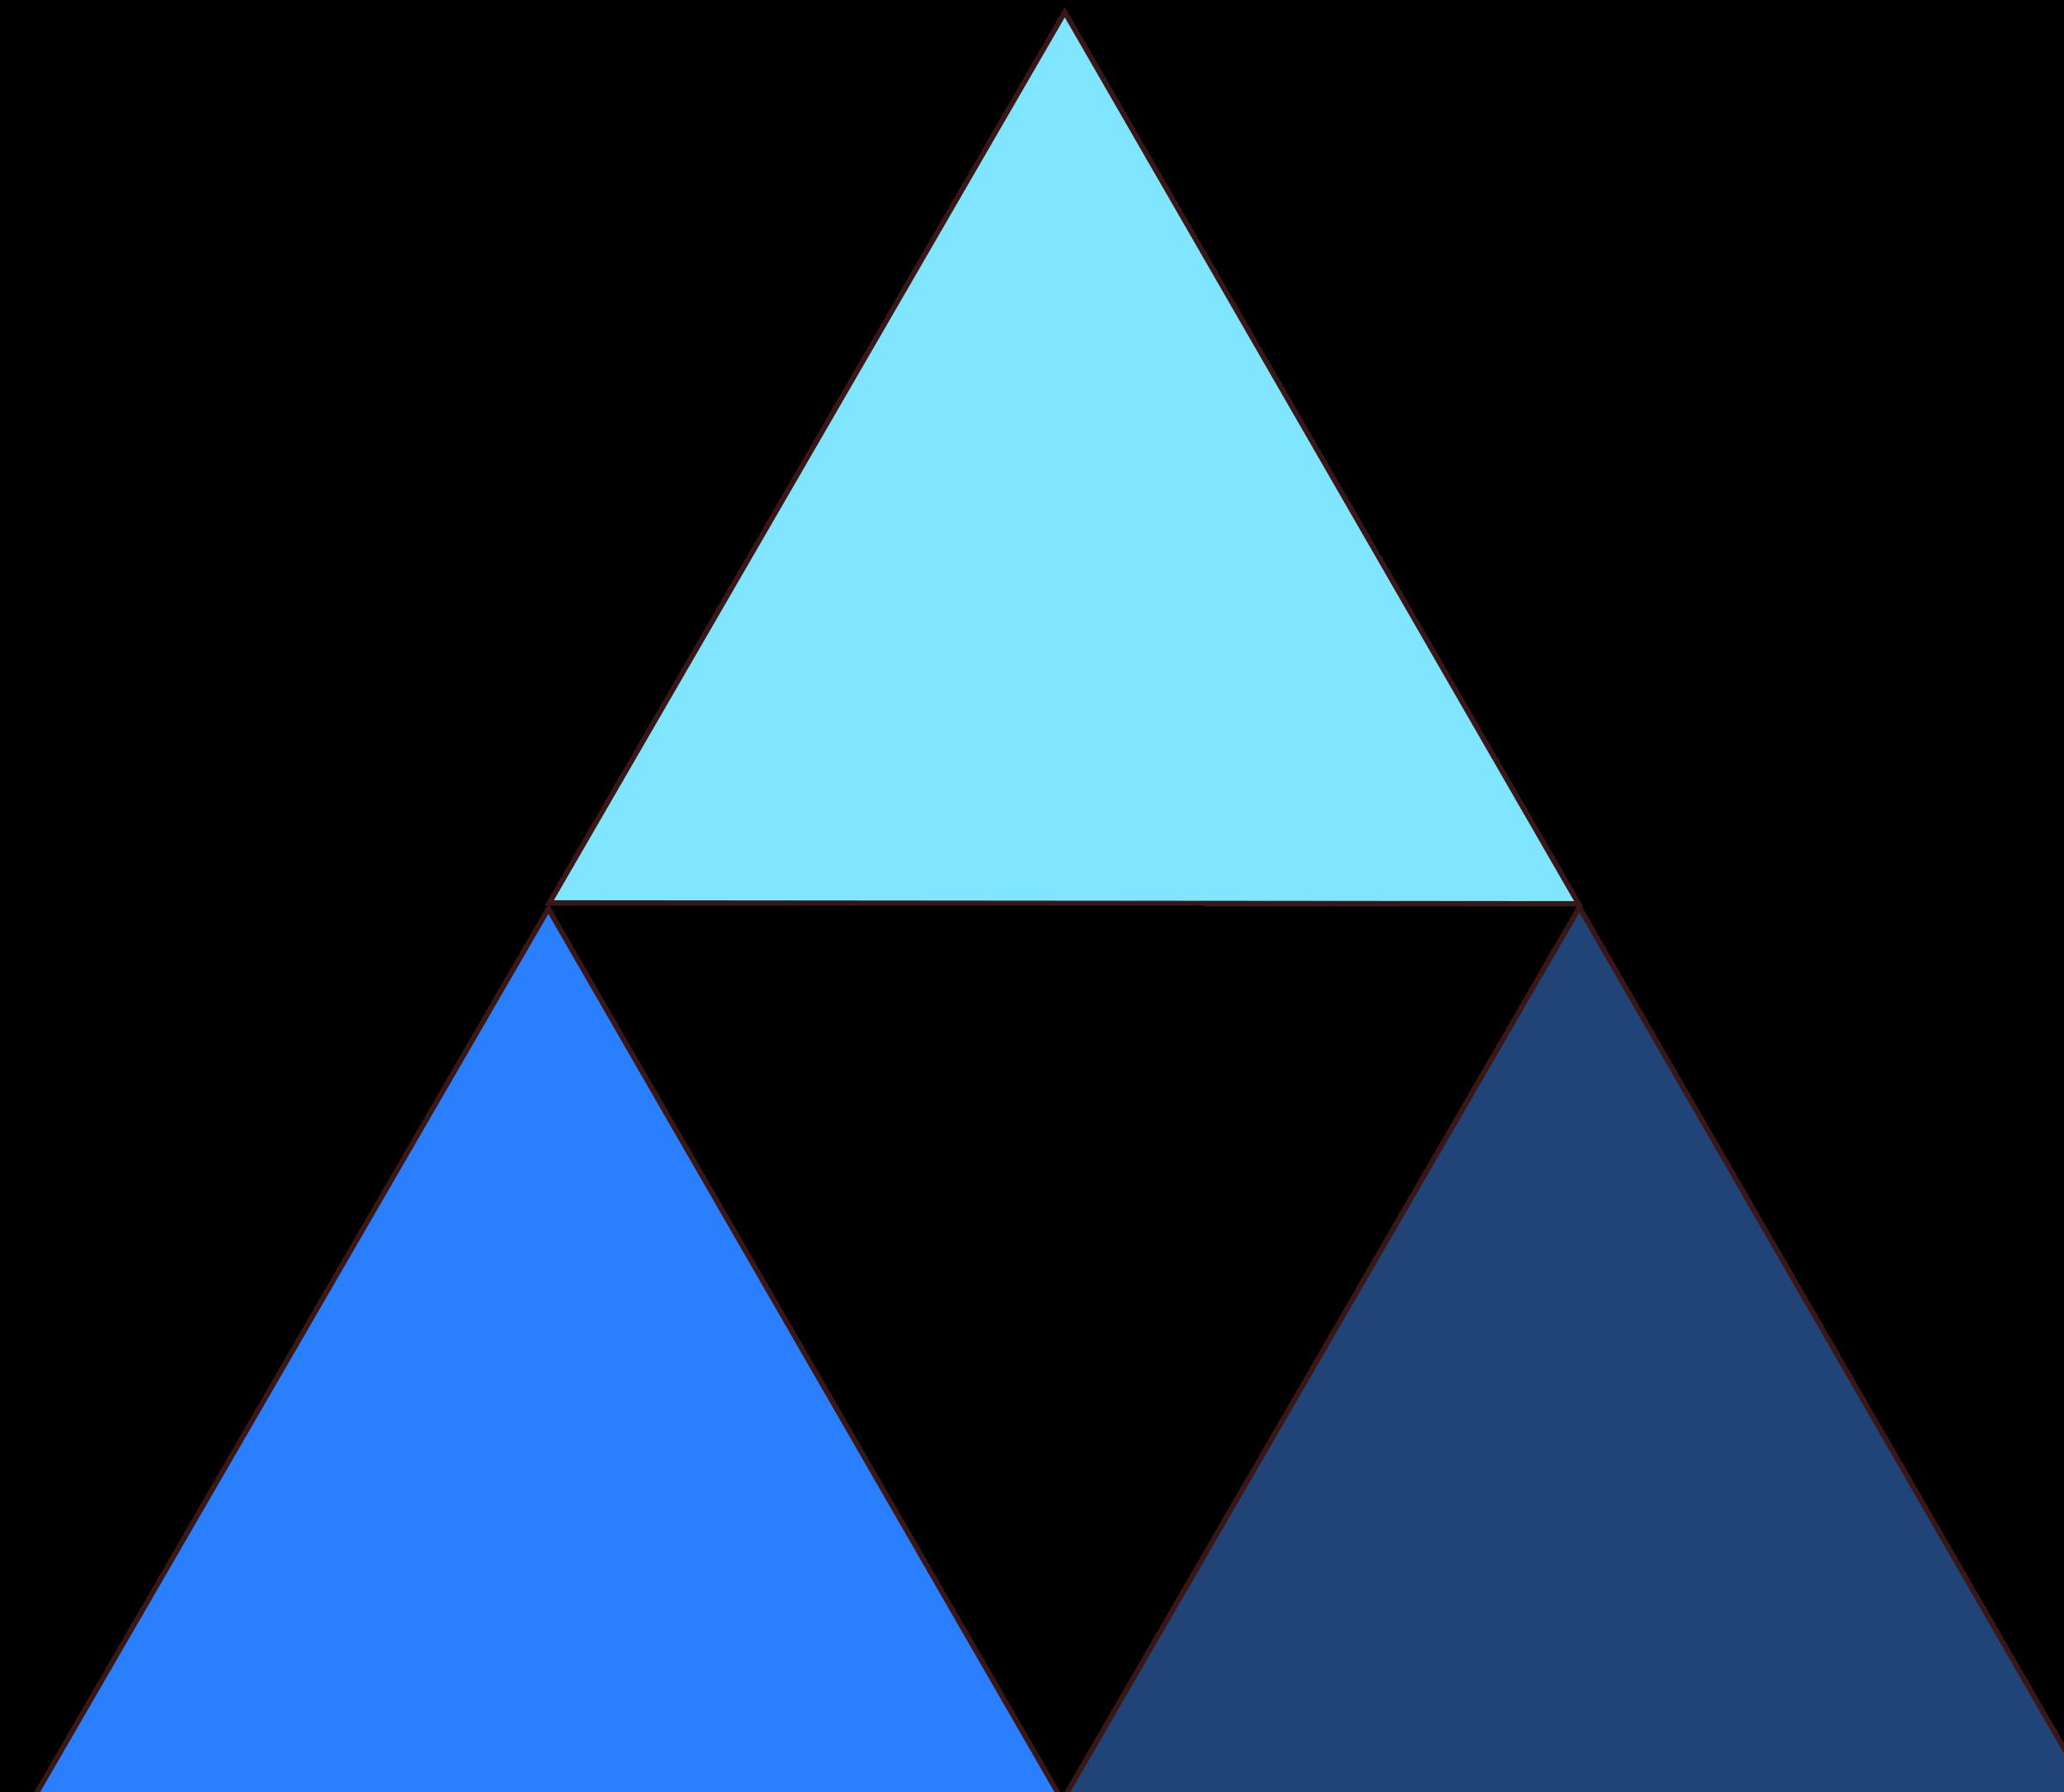 картинка с изображением треугольников который угрожал